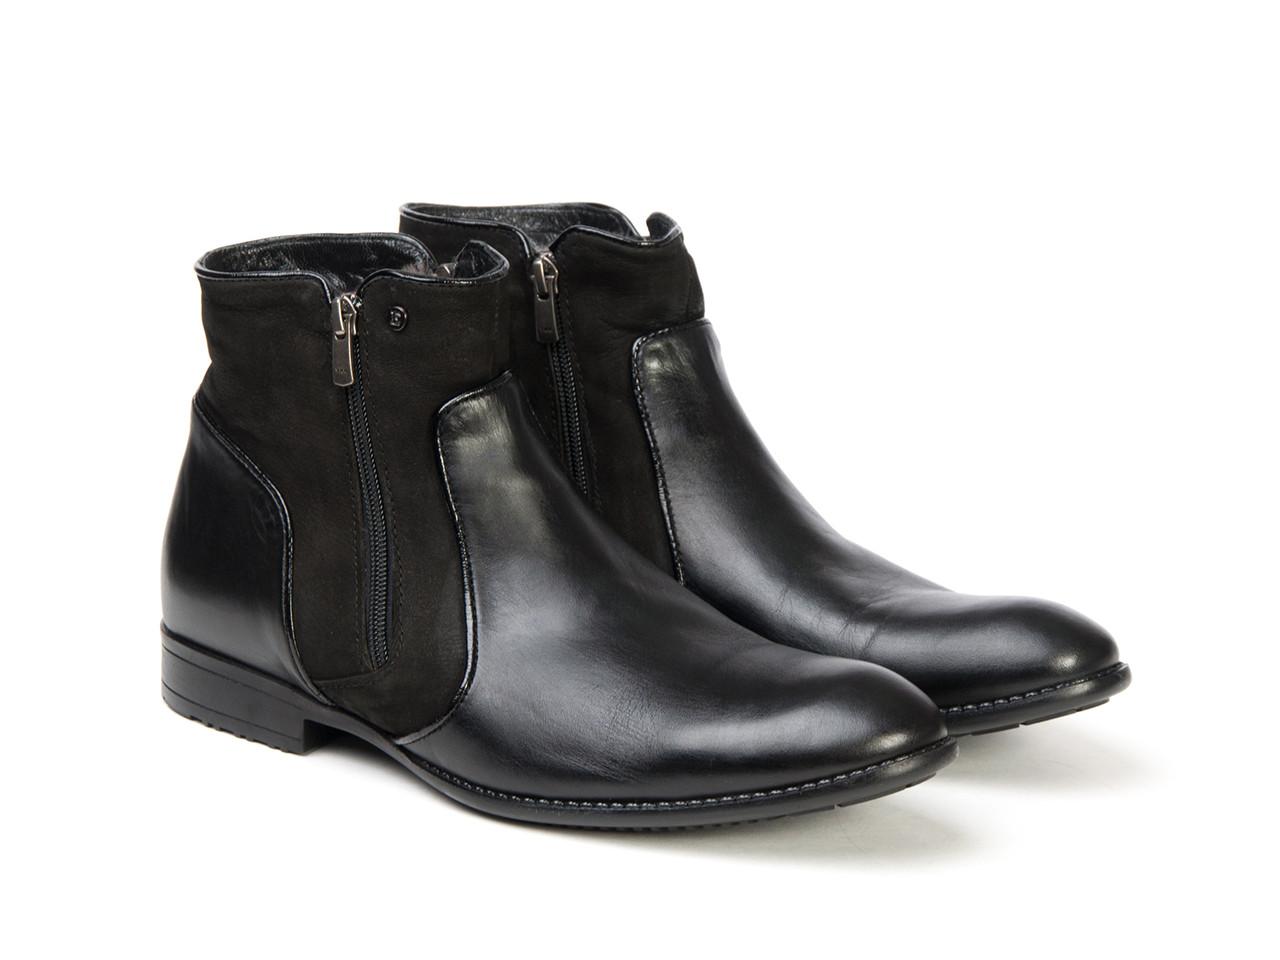 Ботинки Etor 12212-14820 черные